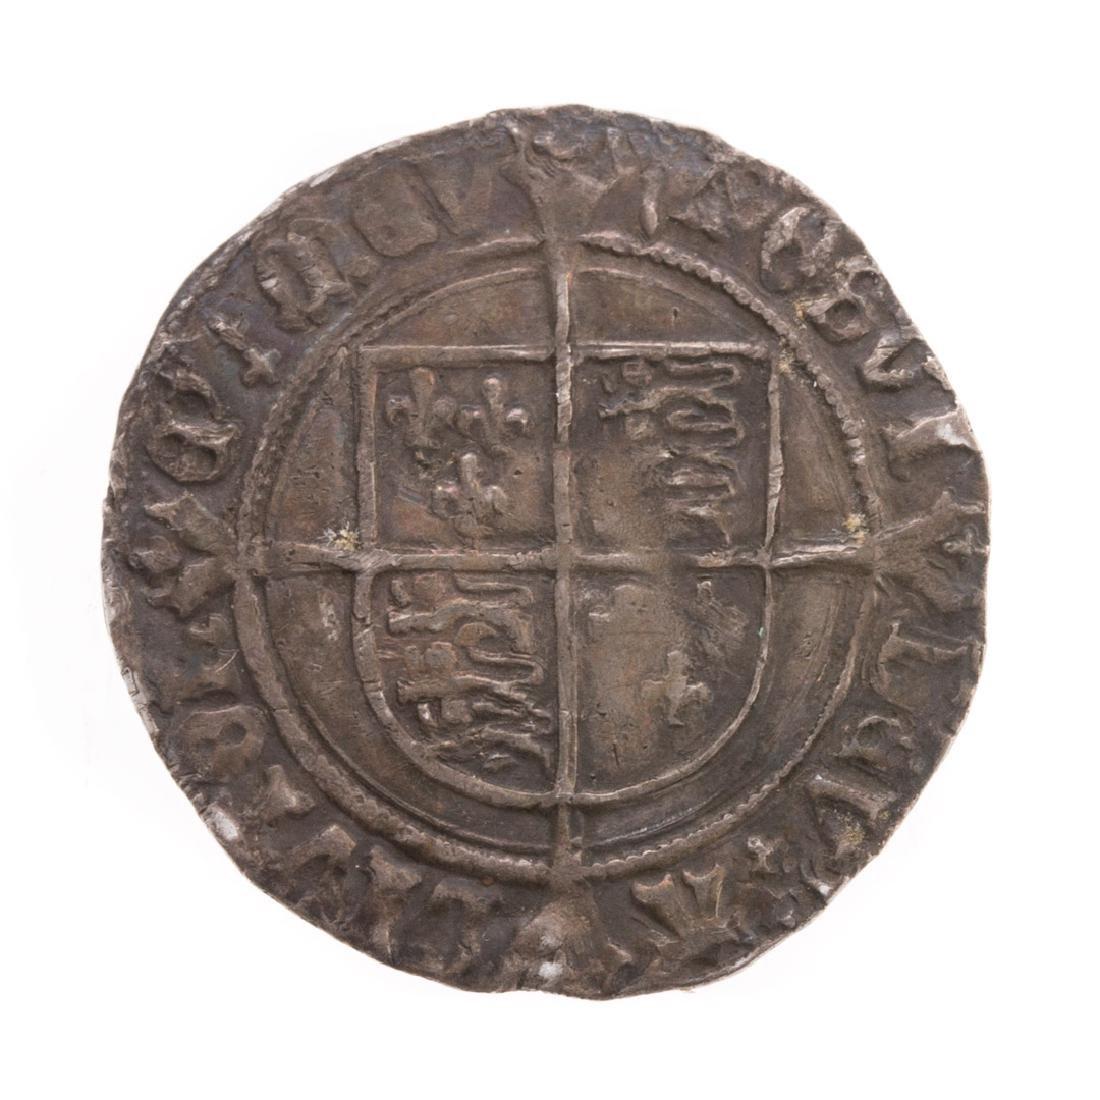 [World] Henry VIII Silver Groat (1529 - 1532) - 2